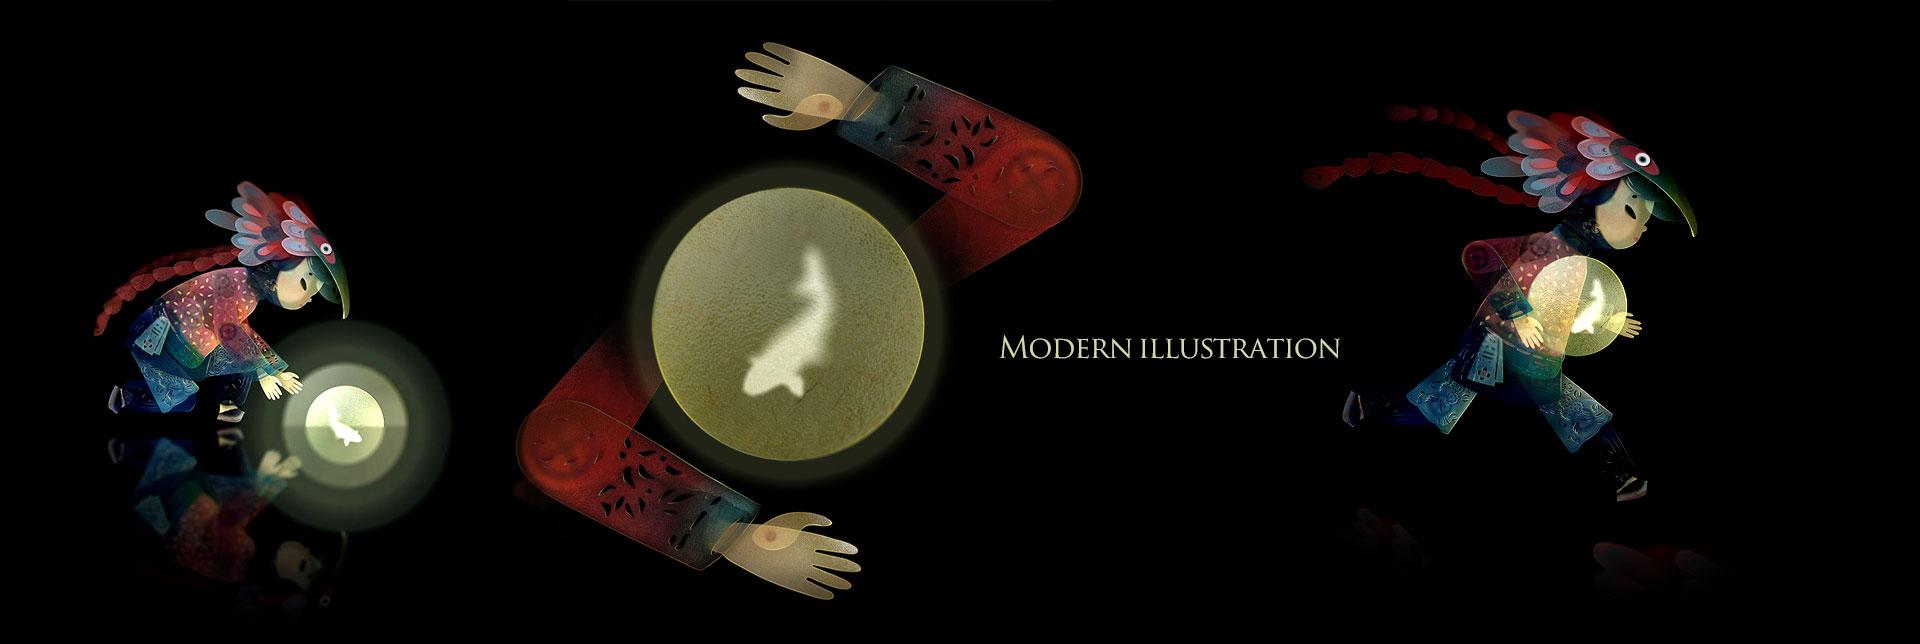 modern illustration 00 - تصویرسازی مدرن